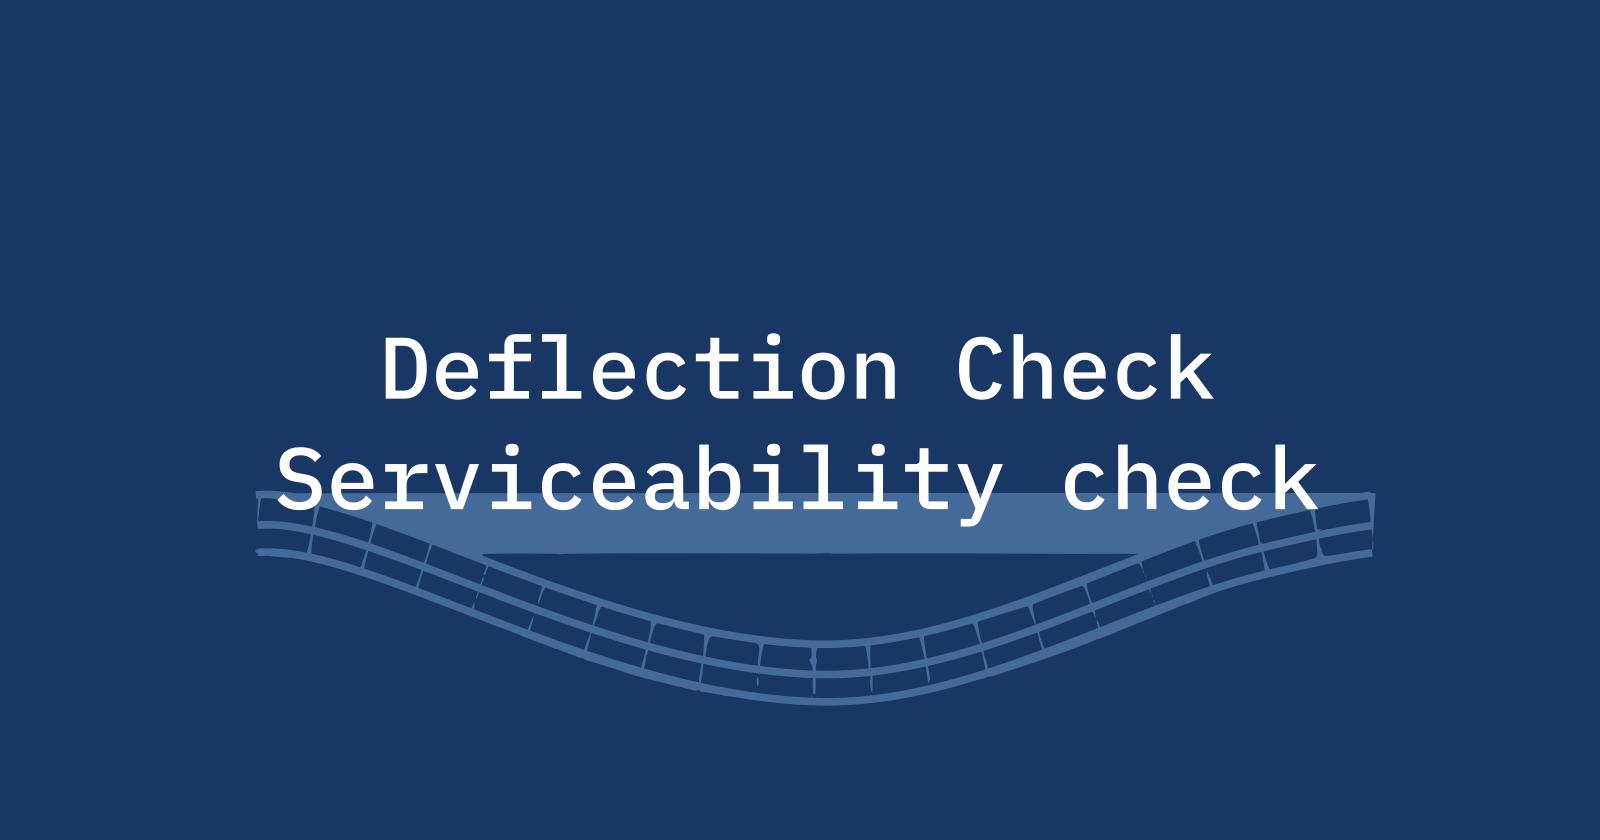 [Image: deflection-check.png]